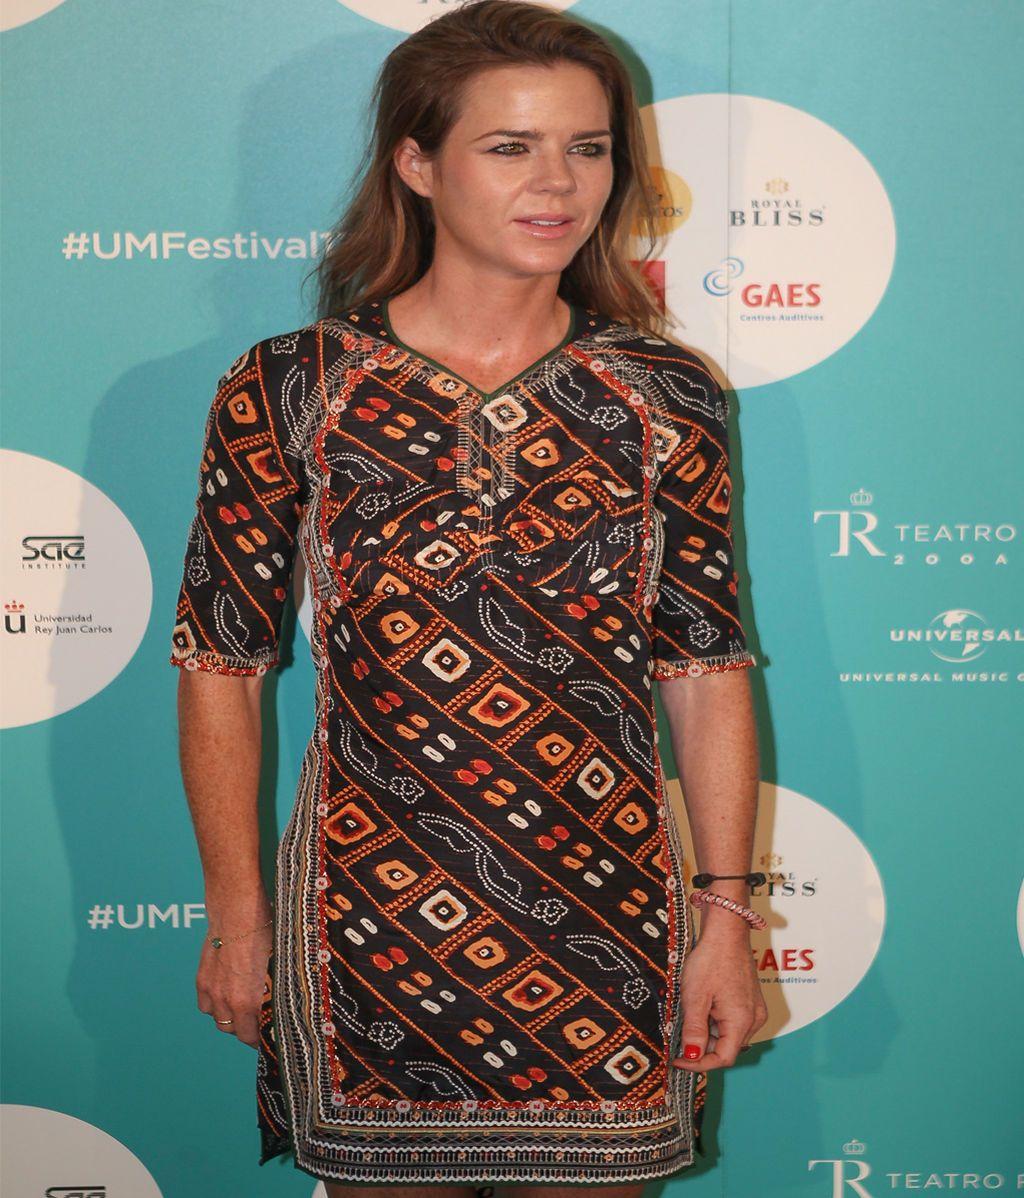 Amelia Bono lució un vestido marrón con estampado de bordados en colores cálidos